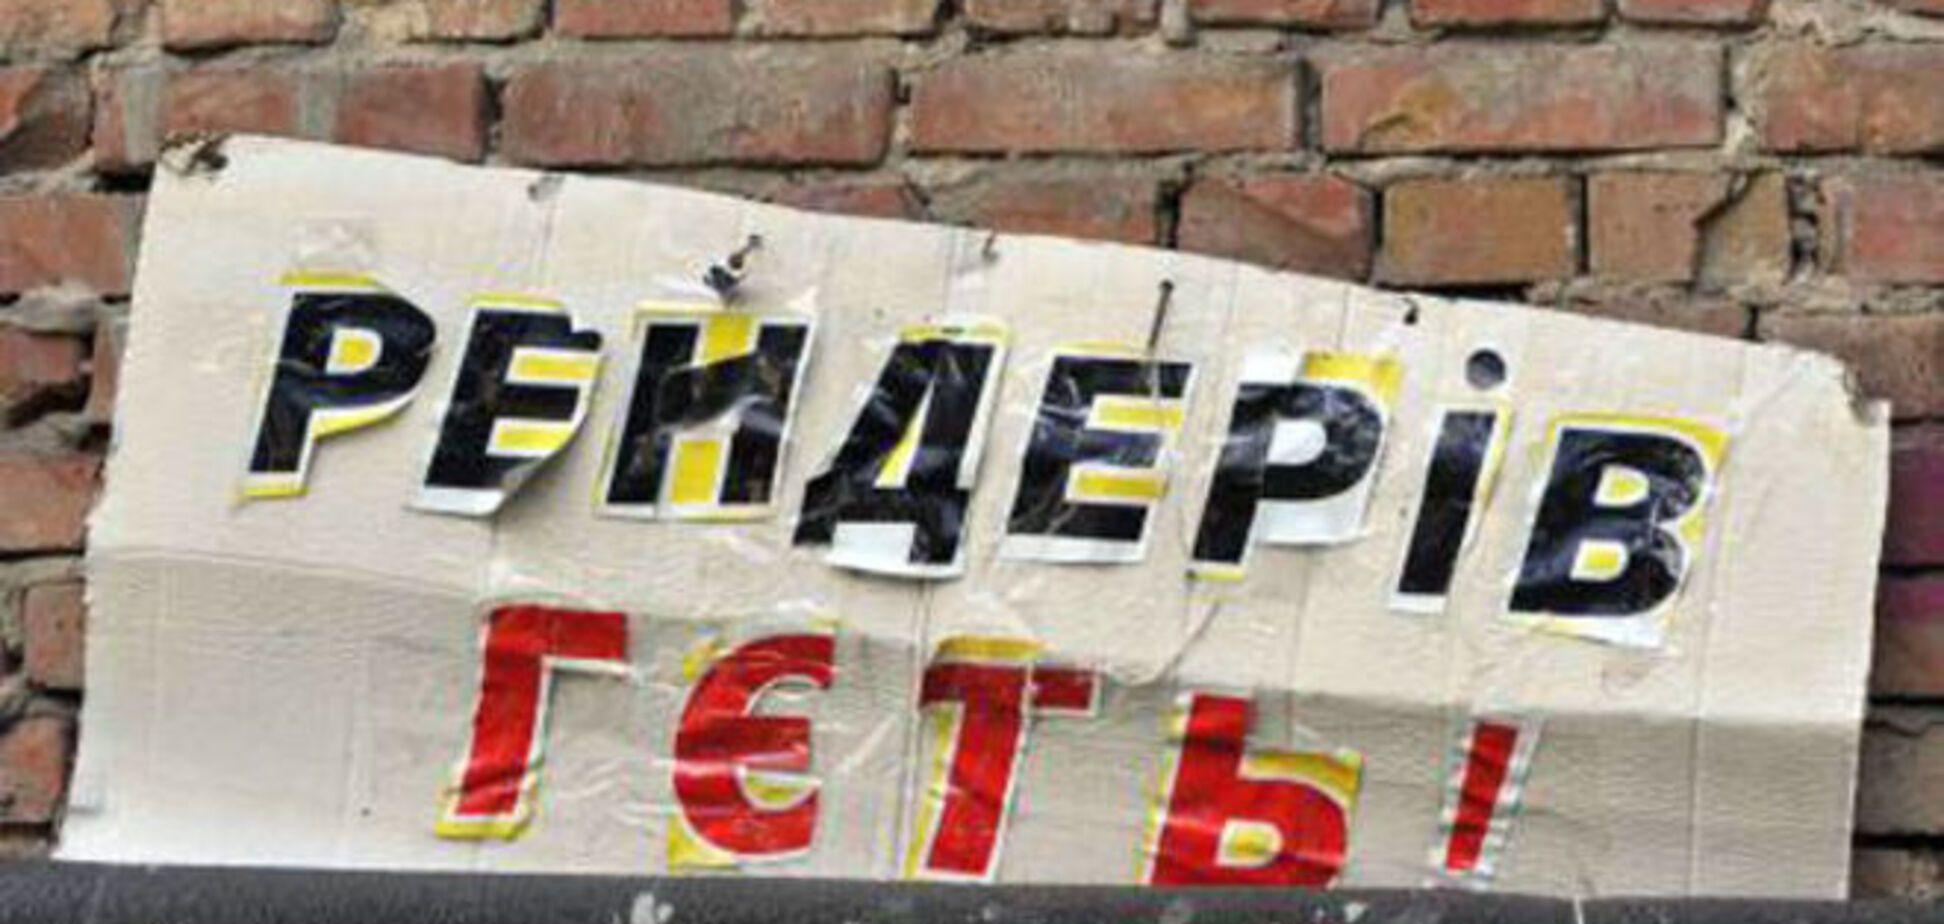 Нардеп требует провести служебное расследование в связи с рейдерством в Житомирськой области